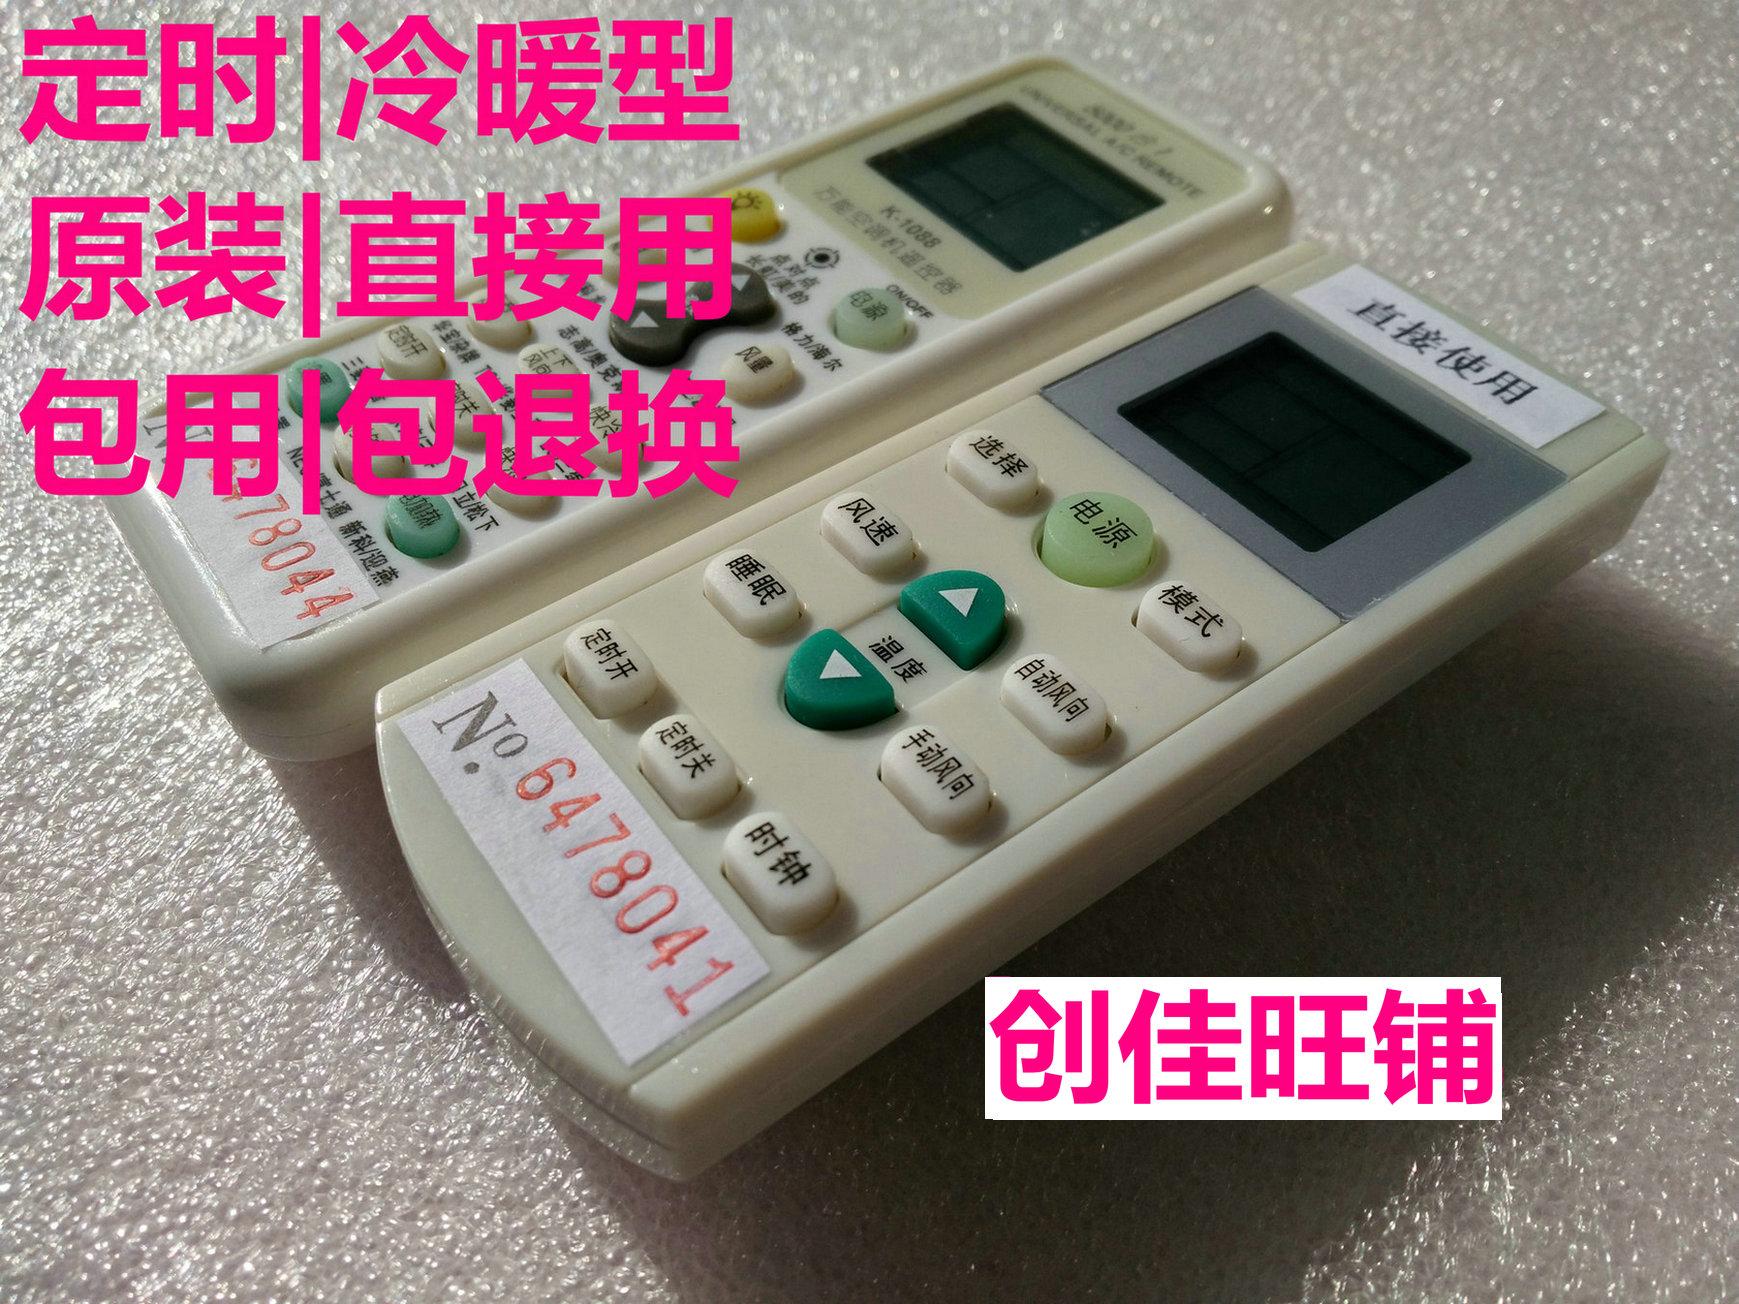 ダイキン工業代購KFR-25G / BP(FTXF125KC-W5)リモコン1 P匹冷温型D166